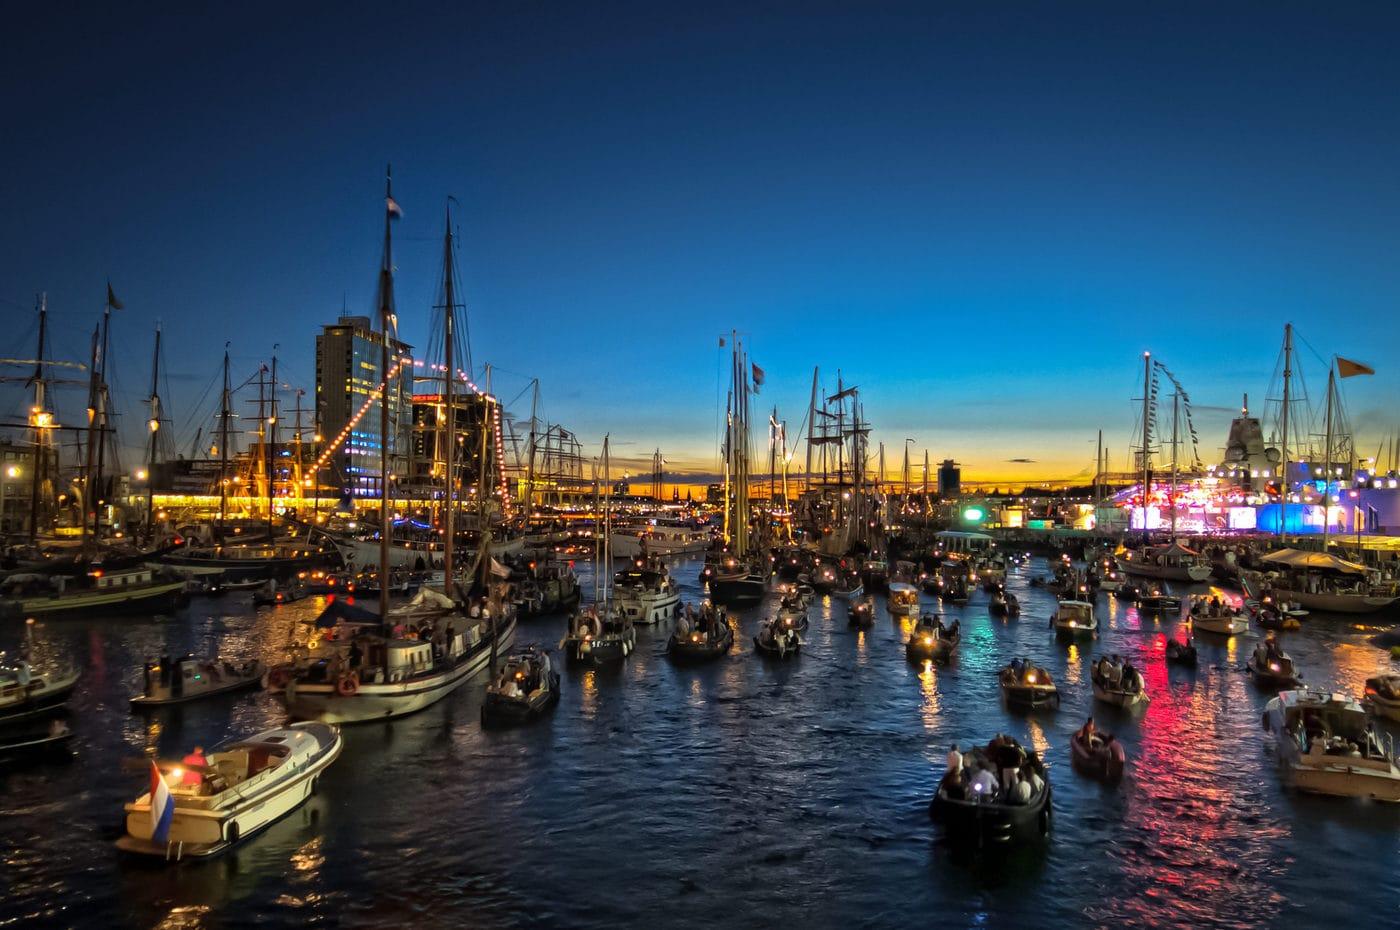 Sail Amsterdam 2020 fällt aus